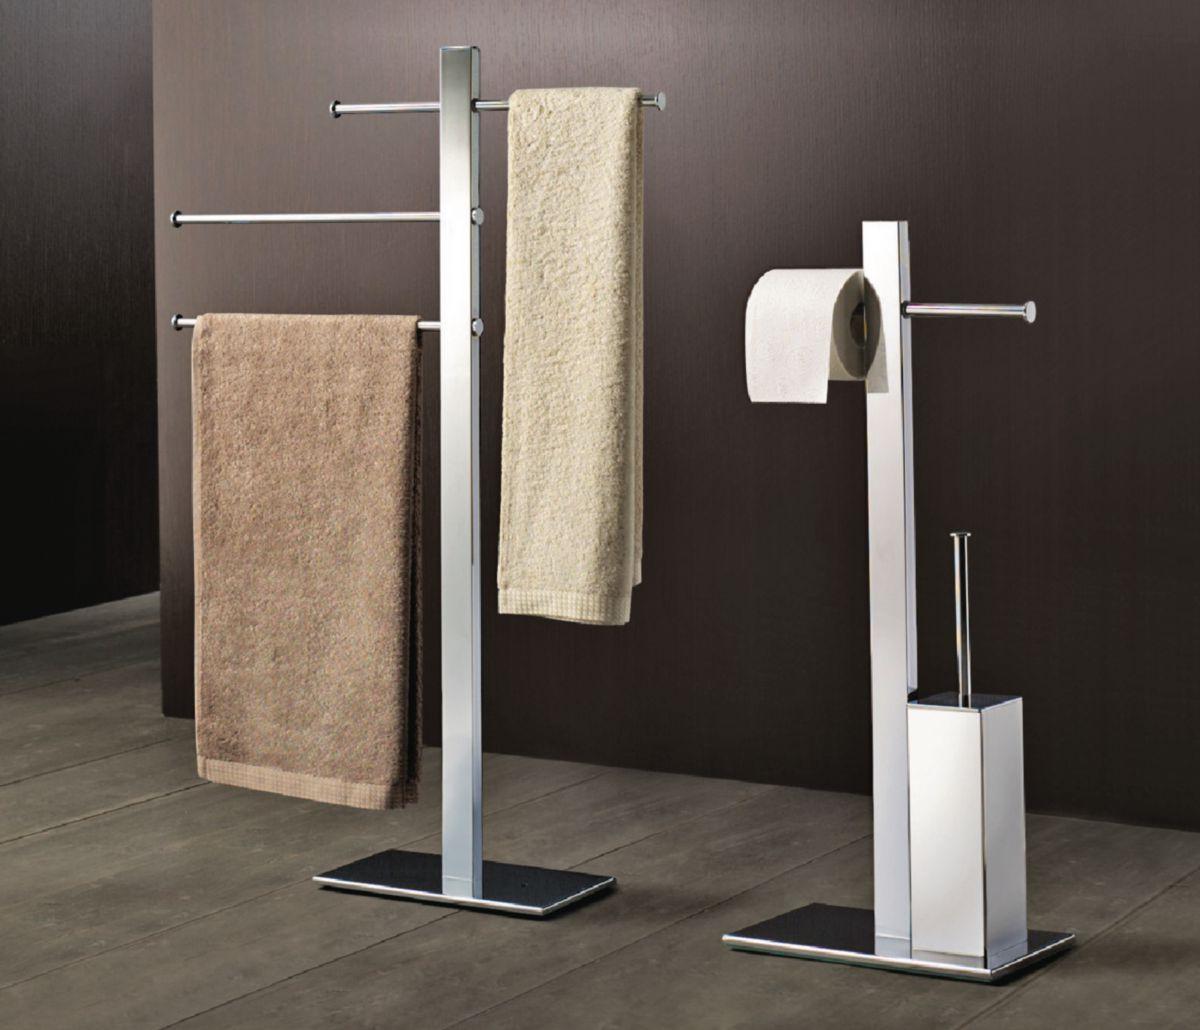 gedy porte serviettes coulissants sur pied bridge chrome lot de 3 r cedeo. Black Bedroom Furniture Sets. Home Design Ideas